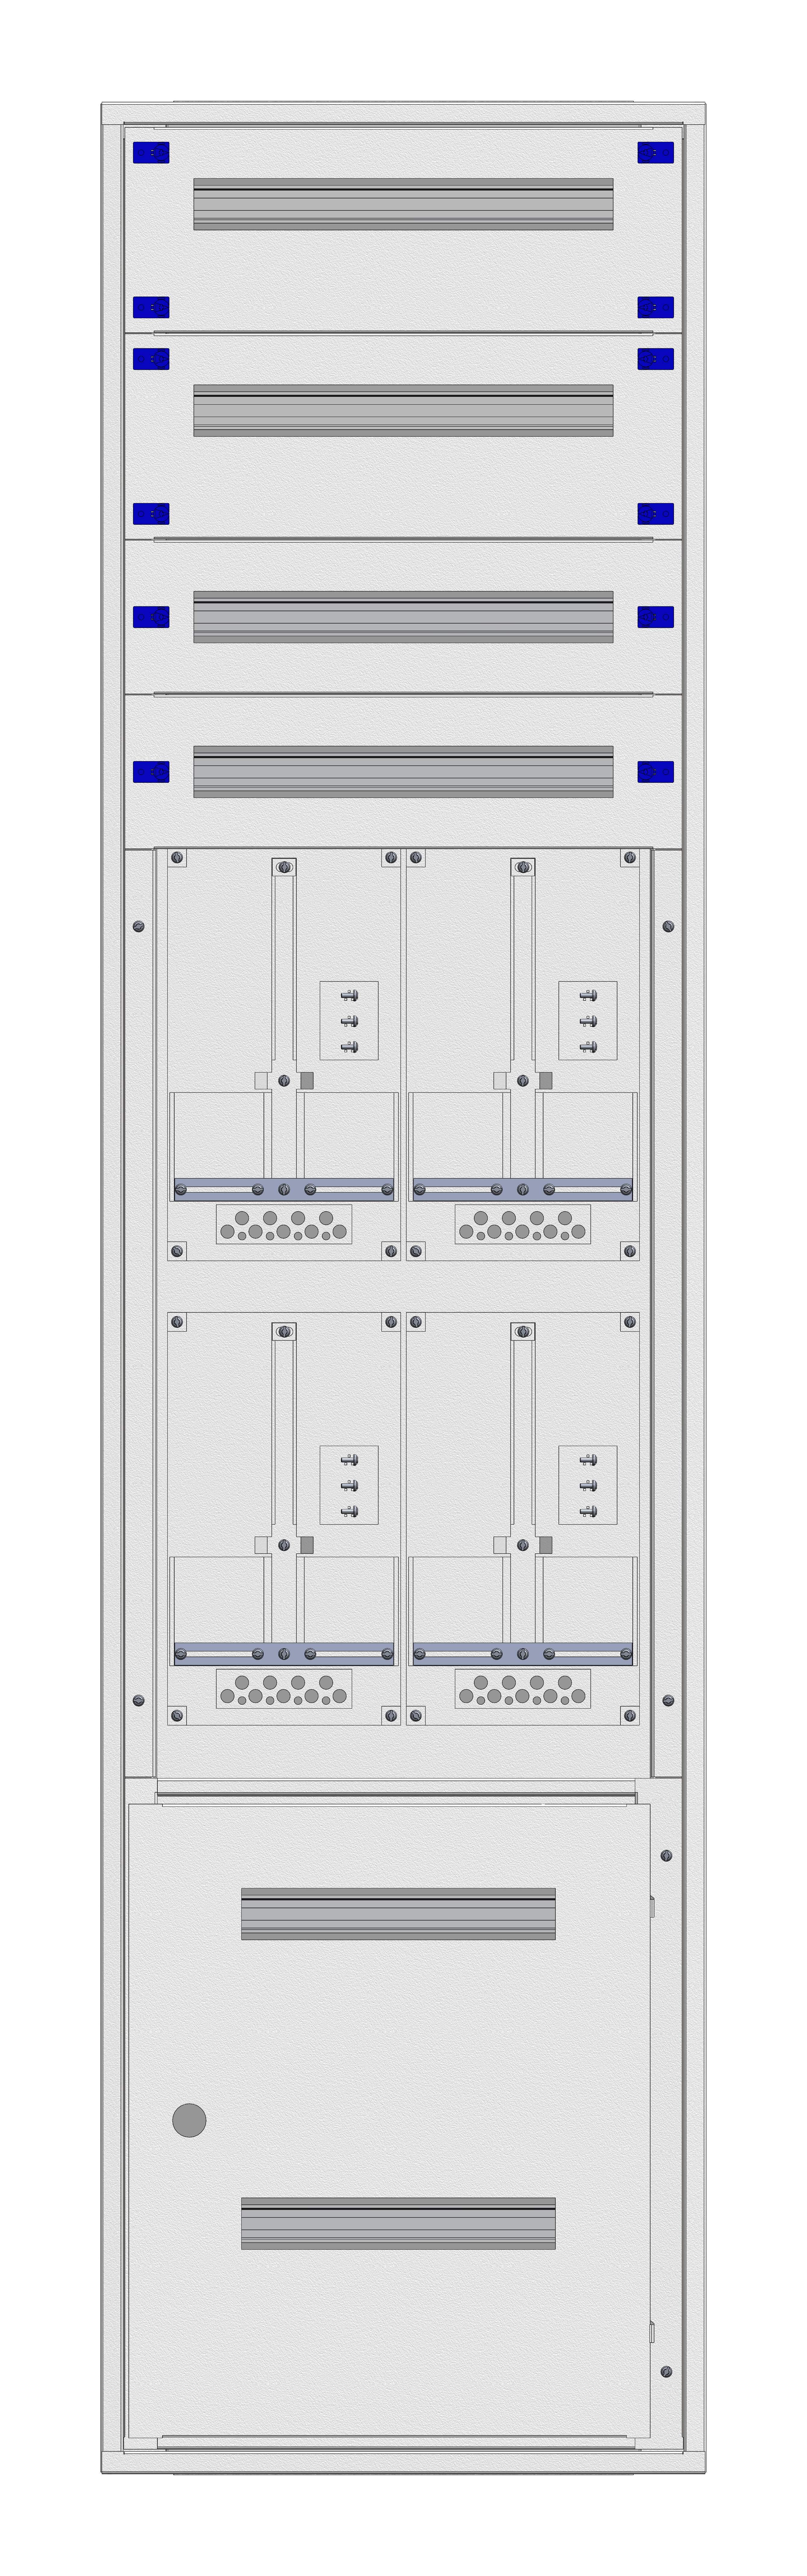 1 Stk Aufputz-Zählerverteiler 2A-45G/STMK 4ZP, H2160B590T250mm IL162245GS